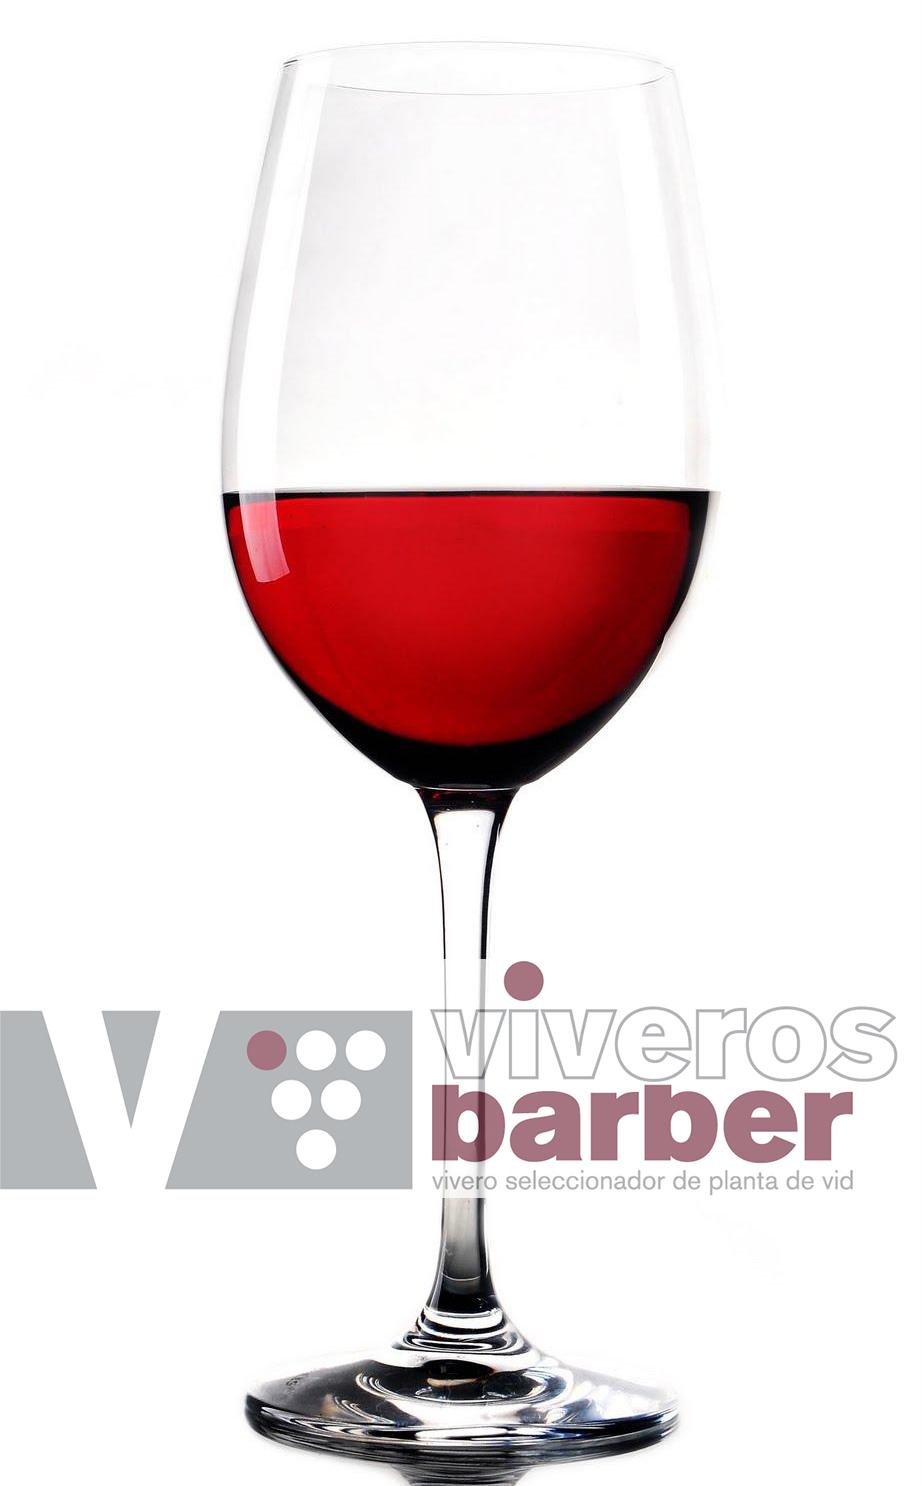 ¿Cómo hacer vino rosado? Elaboración casera paso a paso.